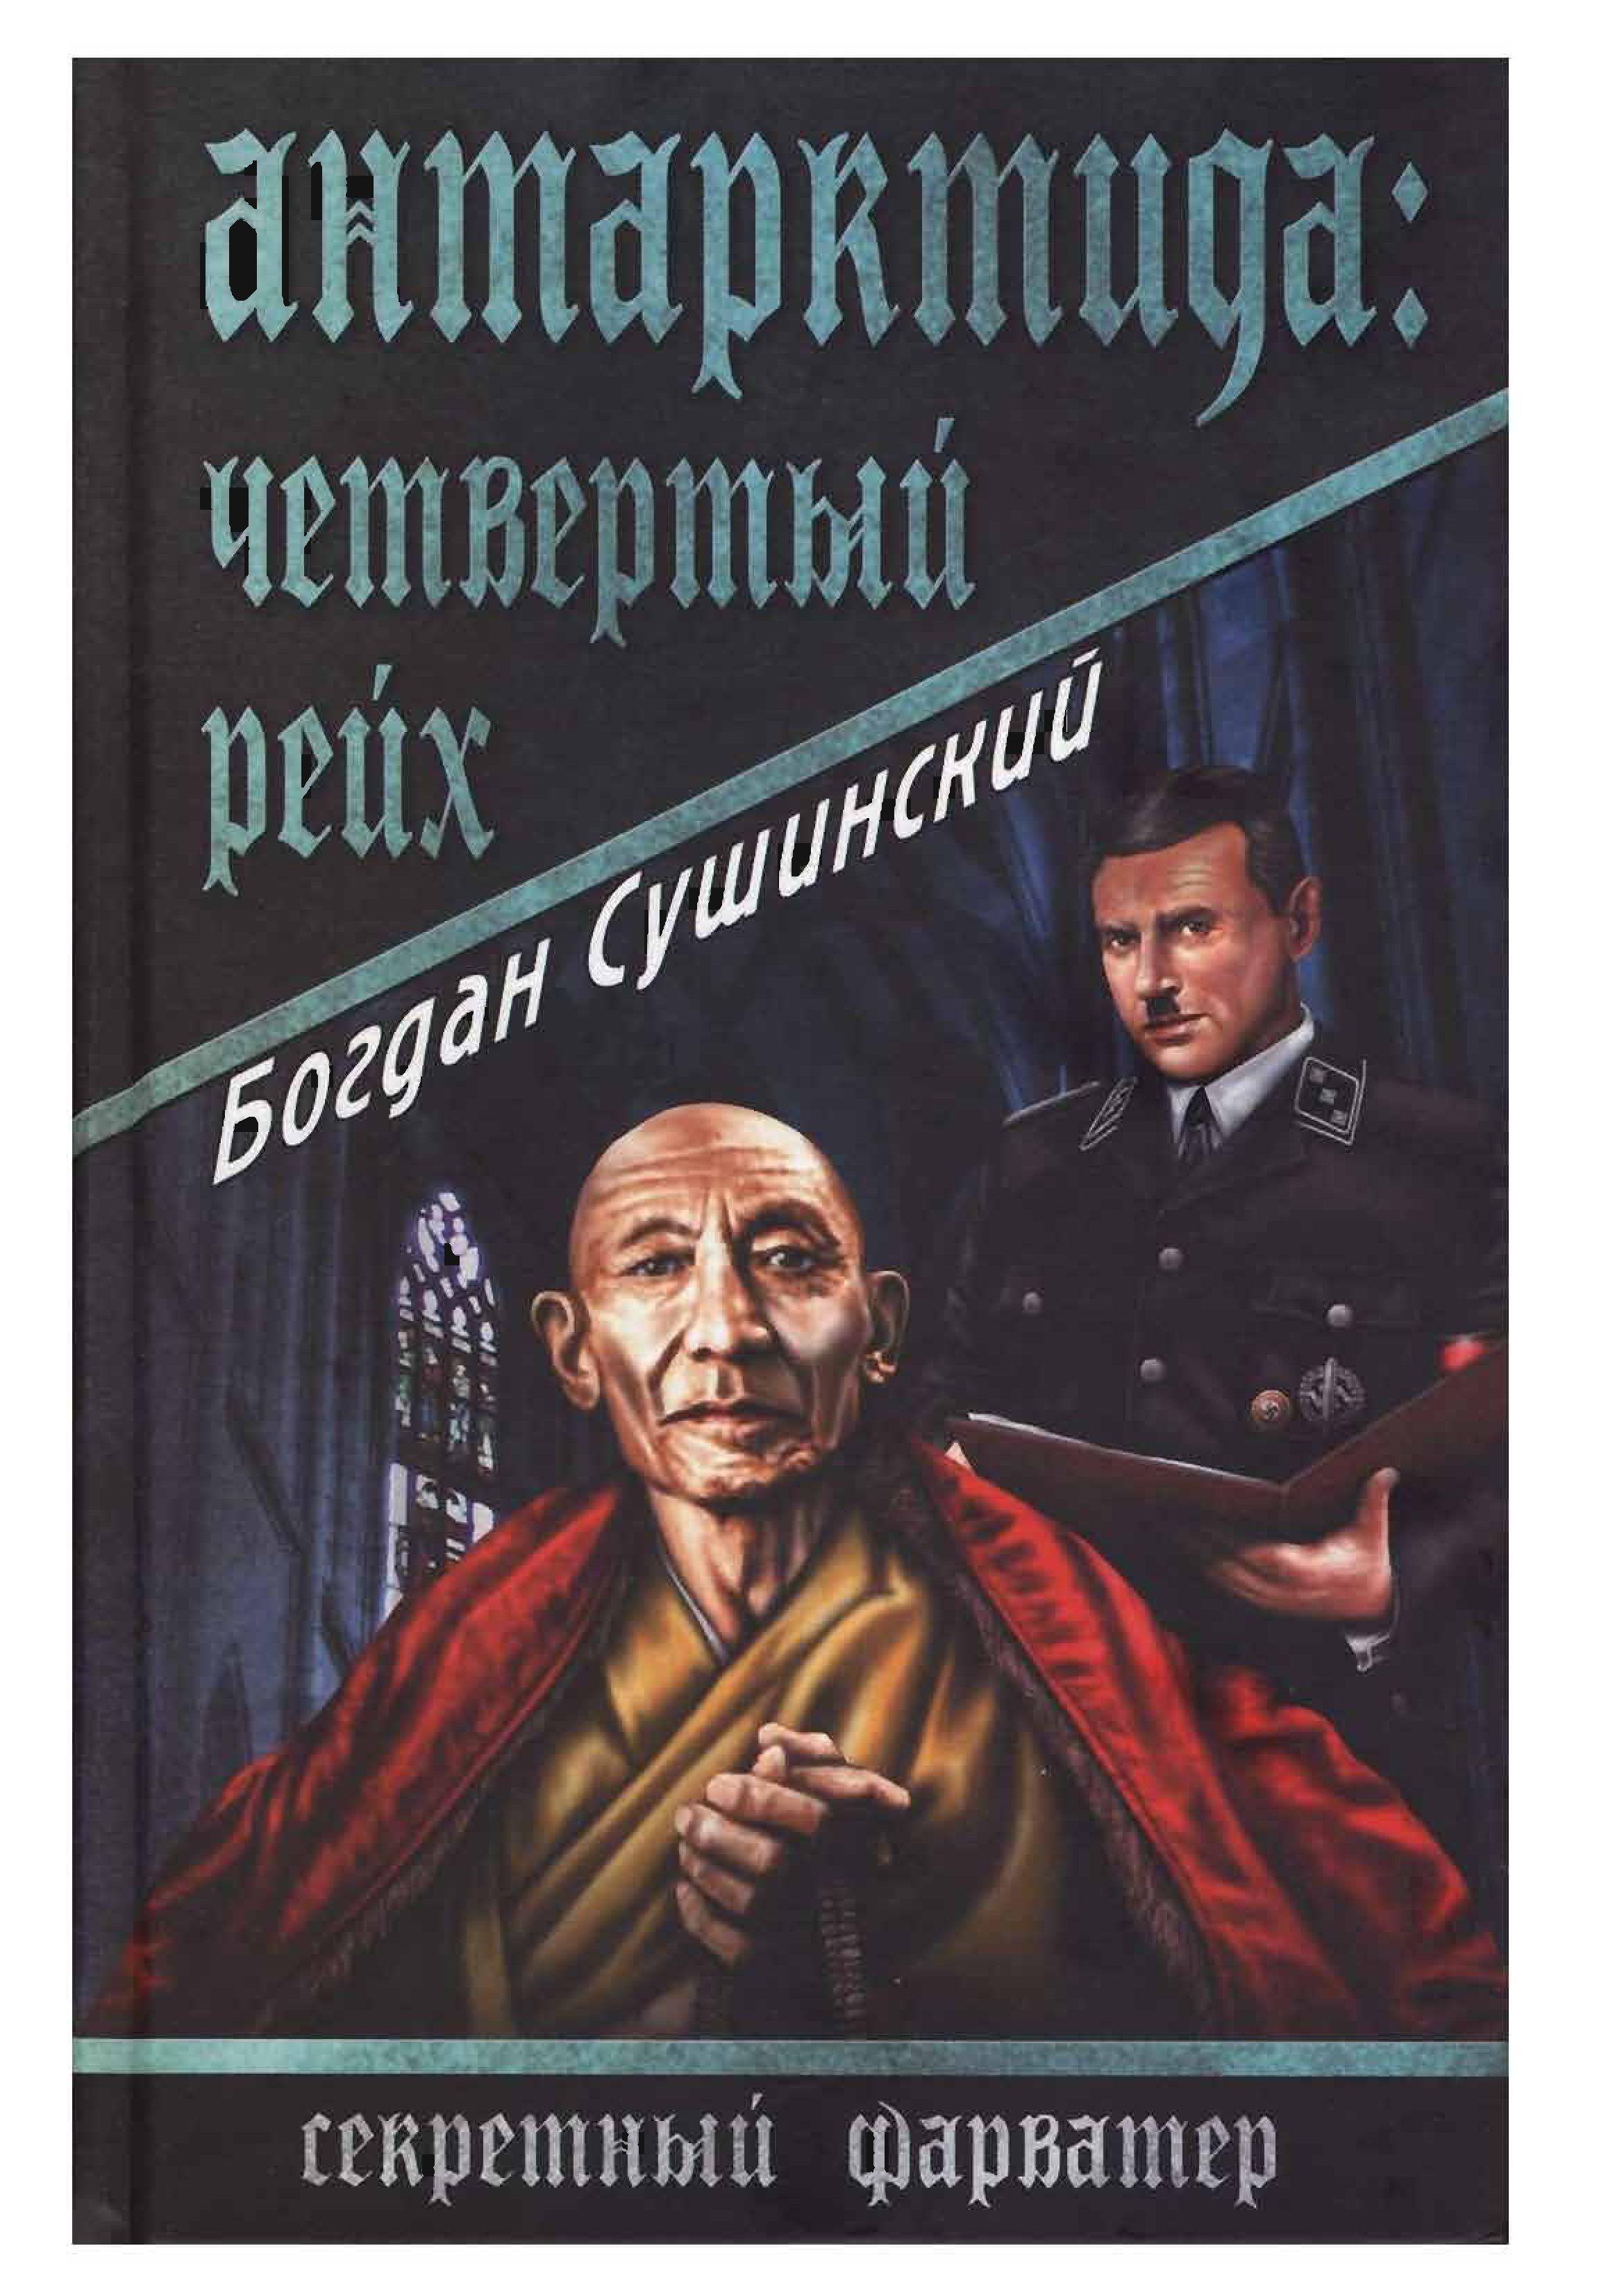 Сушинский Богдан - АНТАРКТИДА:Четвертый рейх скачать бесплатно